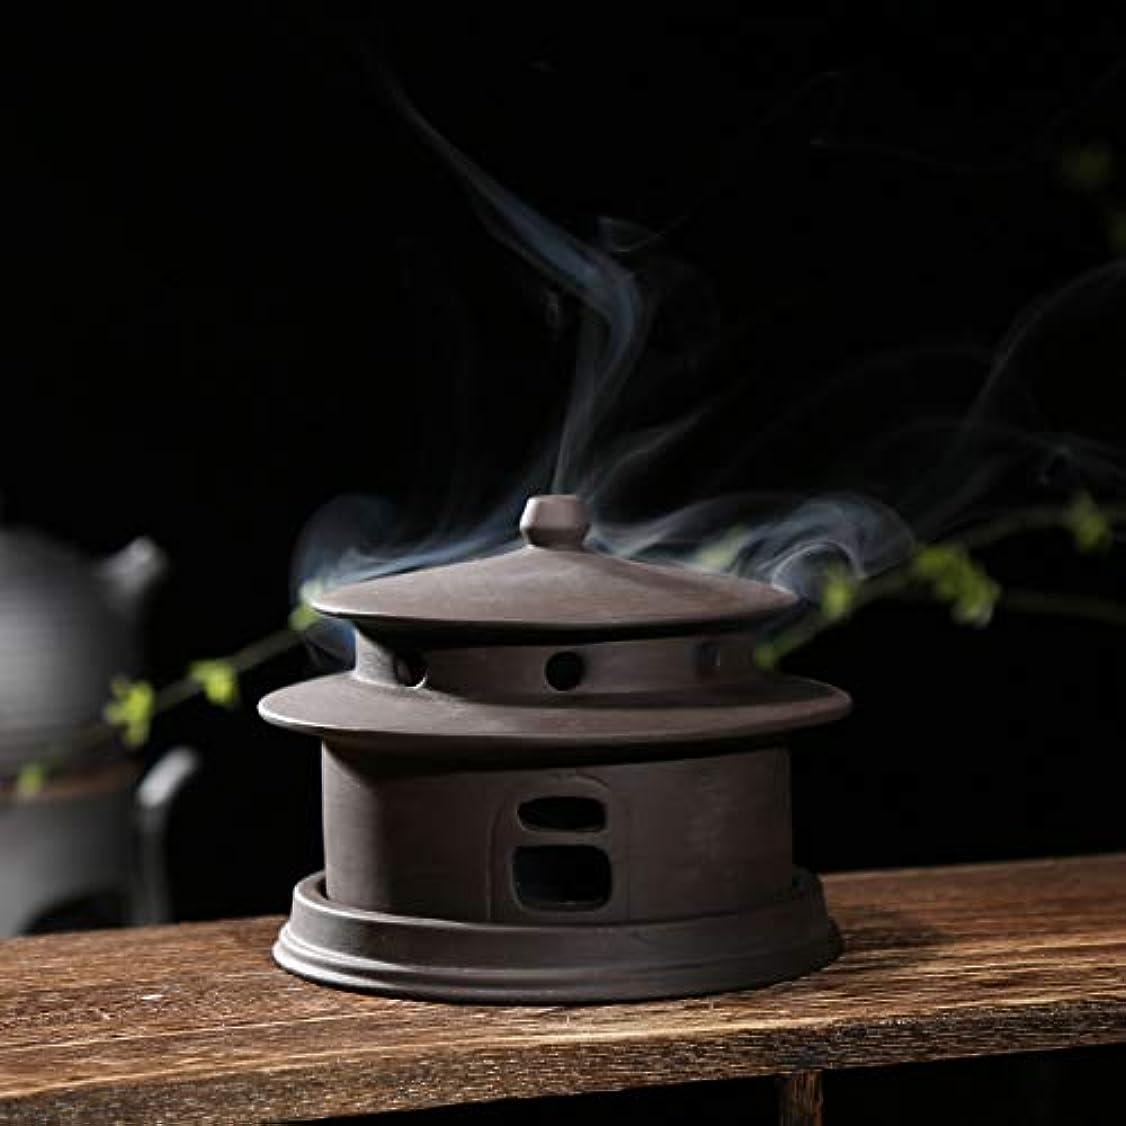 ブルーベル難しいラメPHILOGOD 陶器香炉 線香立て仏壇用 クリエイティブモデリング手作り 香皿